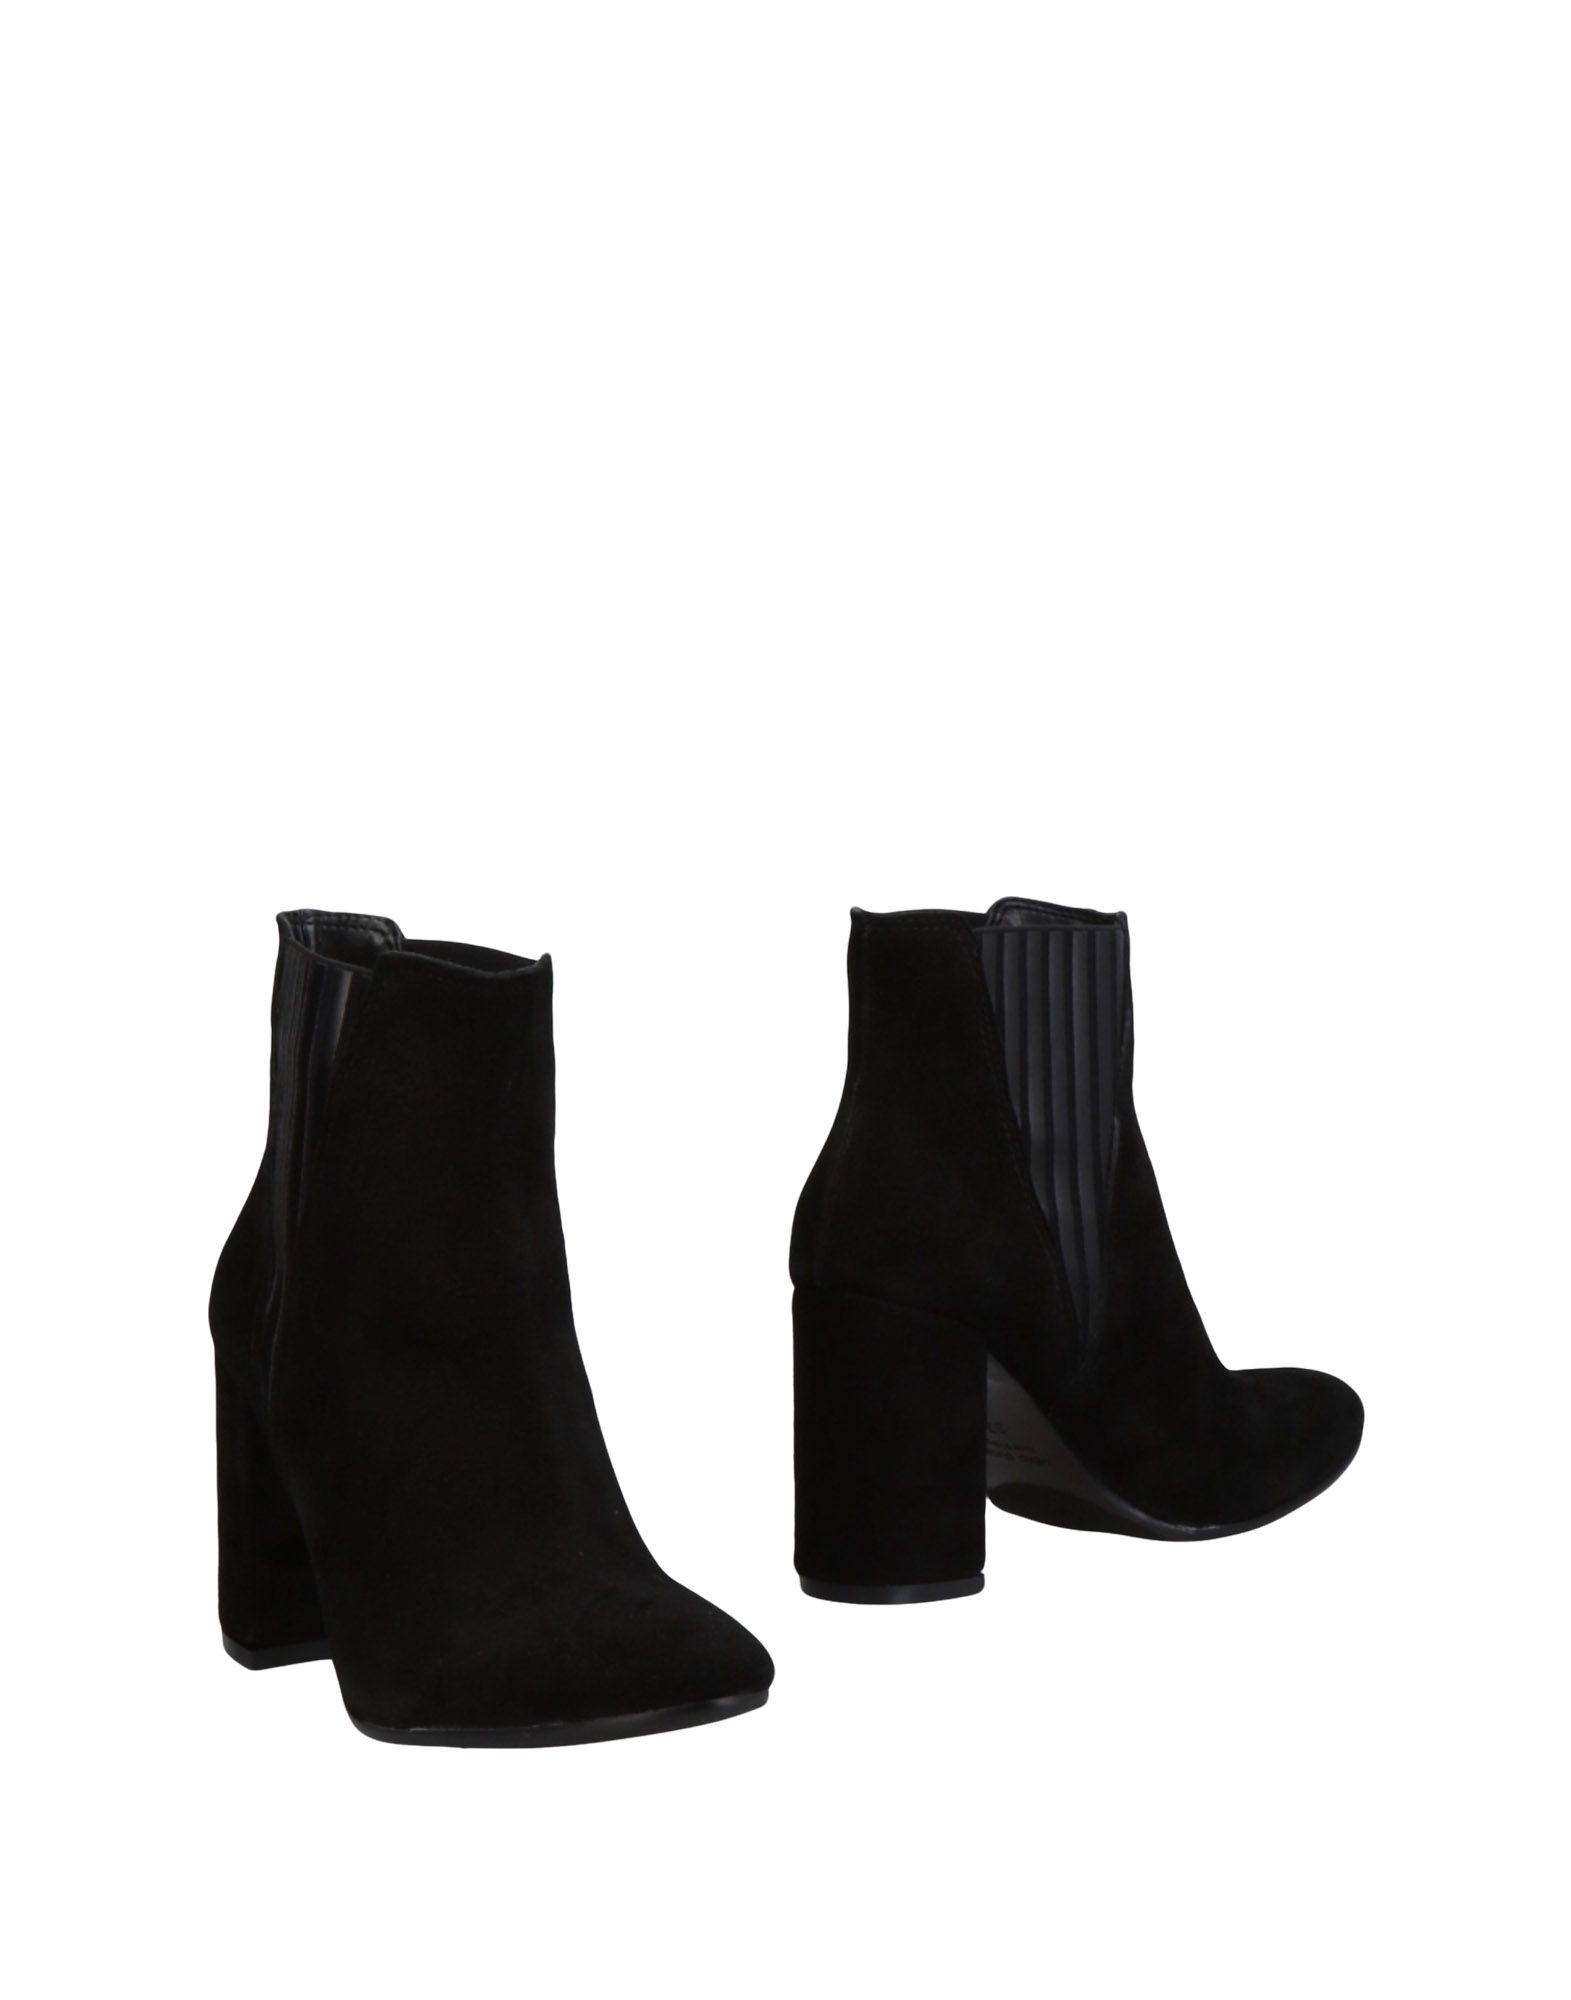 Rose Noire Chelsea Boots Damen beliebte  11464559WP Gute Qualität beliebte Damen Schuhe aaa826